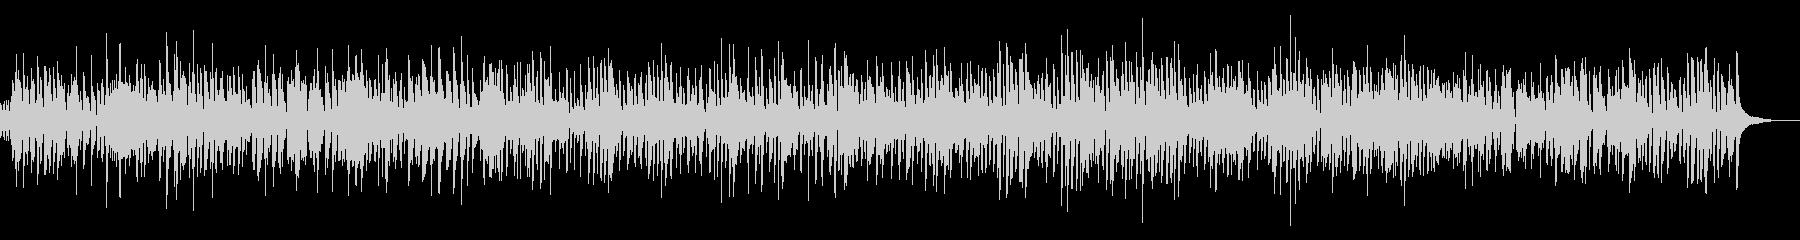 疾走感ピアノジャズYouTubeカフェ系の未再生の波形